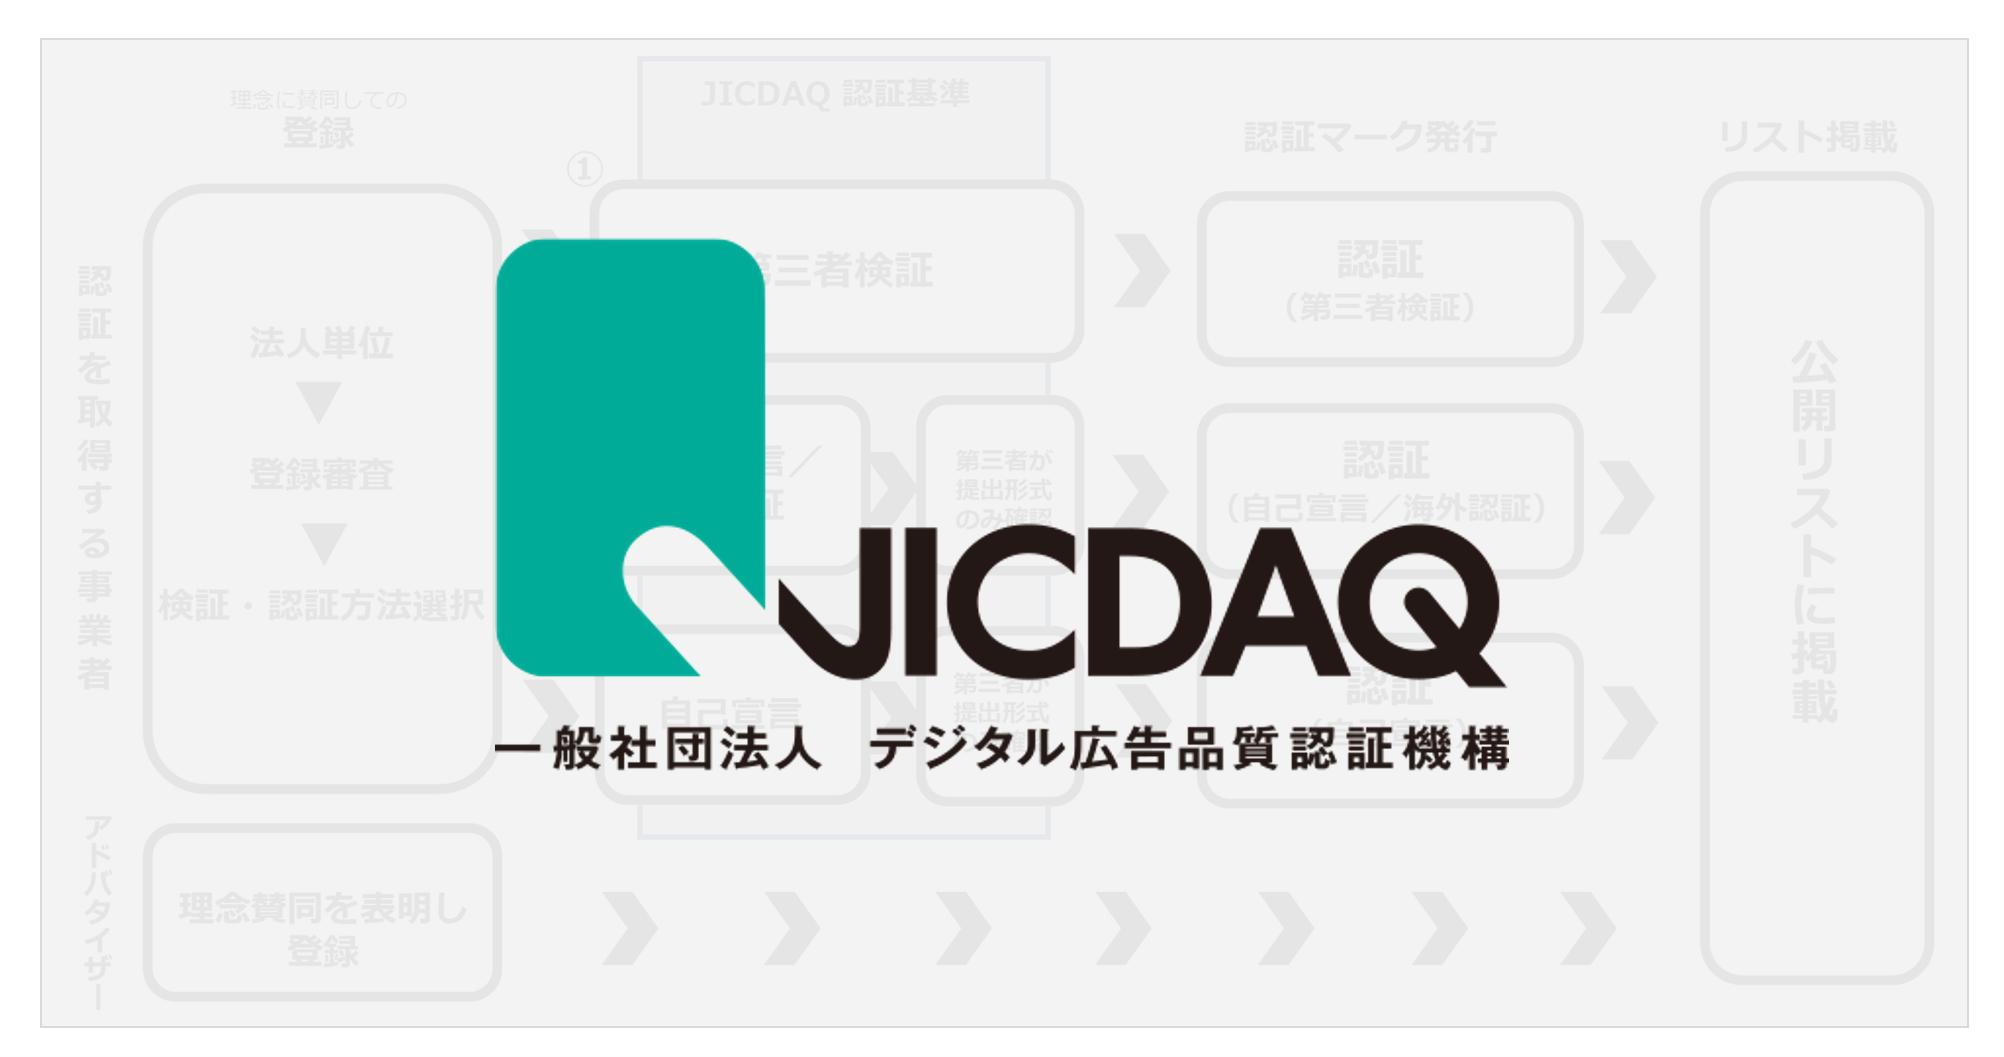 一般社団法人 デジタル広告品質認証機構「JICDAQ」が設立されました!